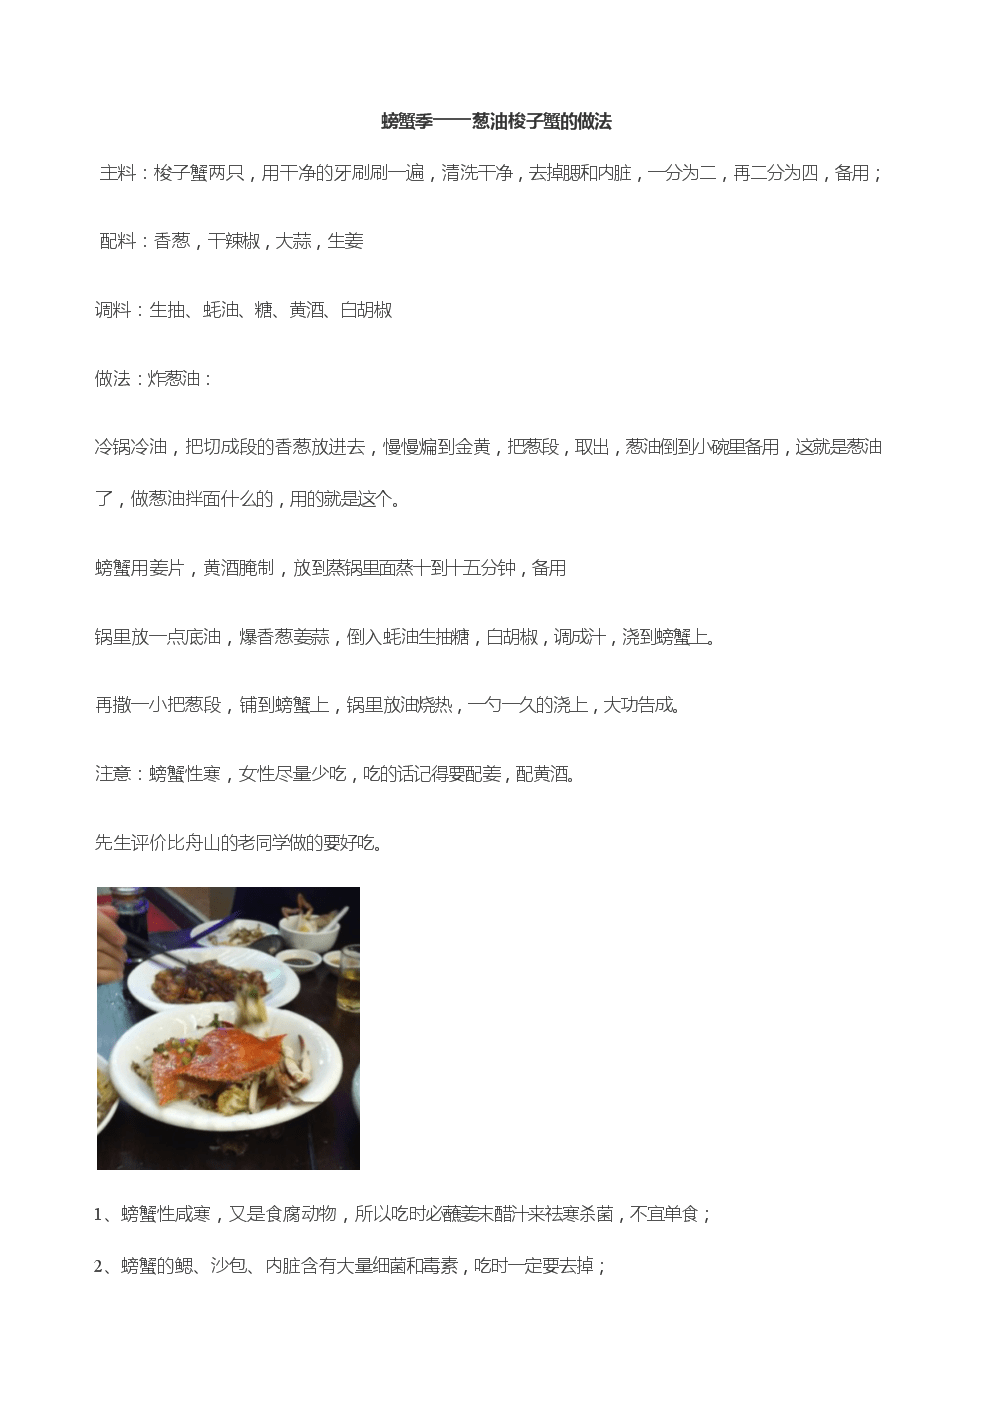 螃蟹季—葱油梭子蟹的做法.docx